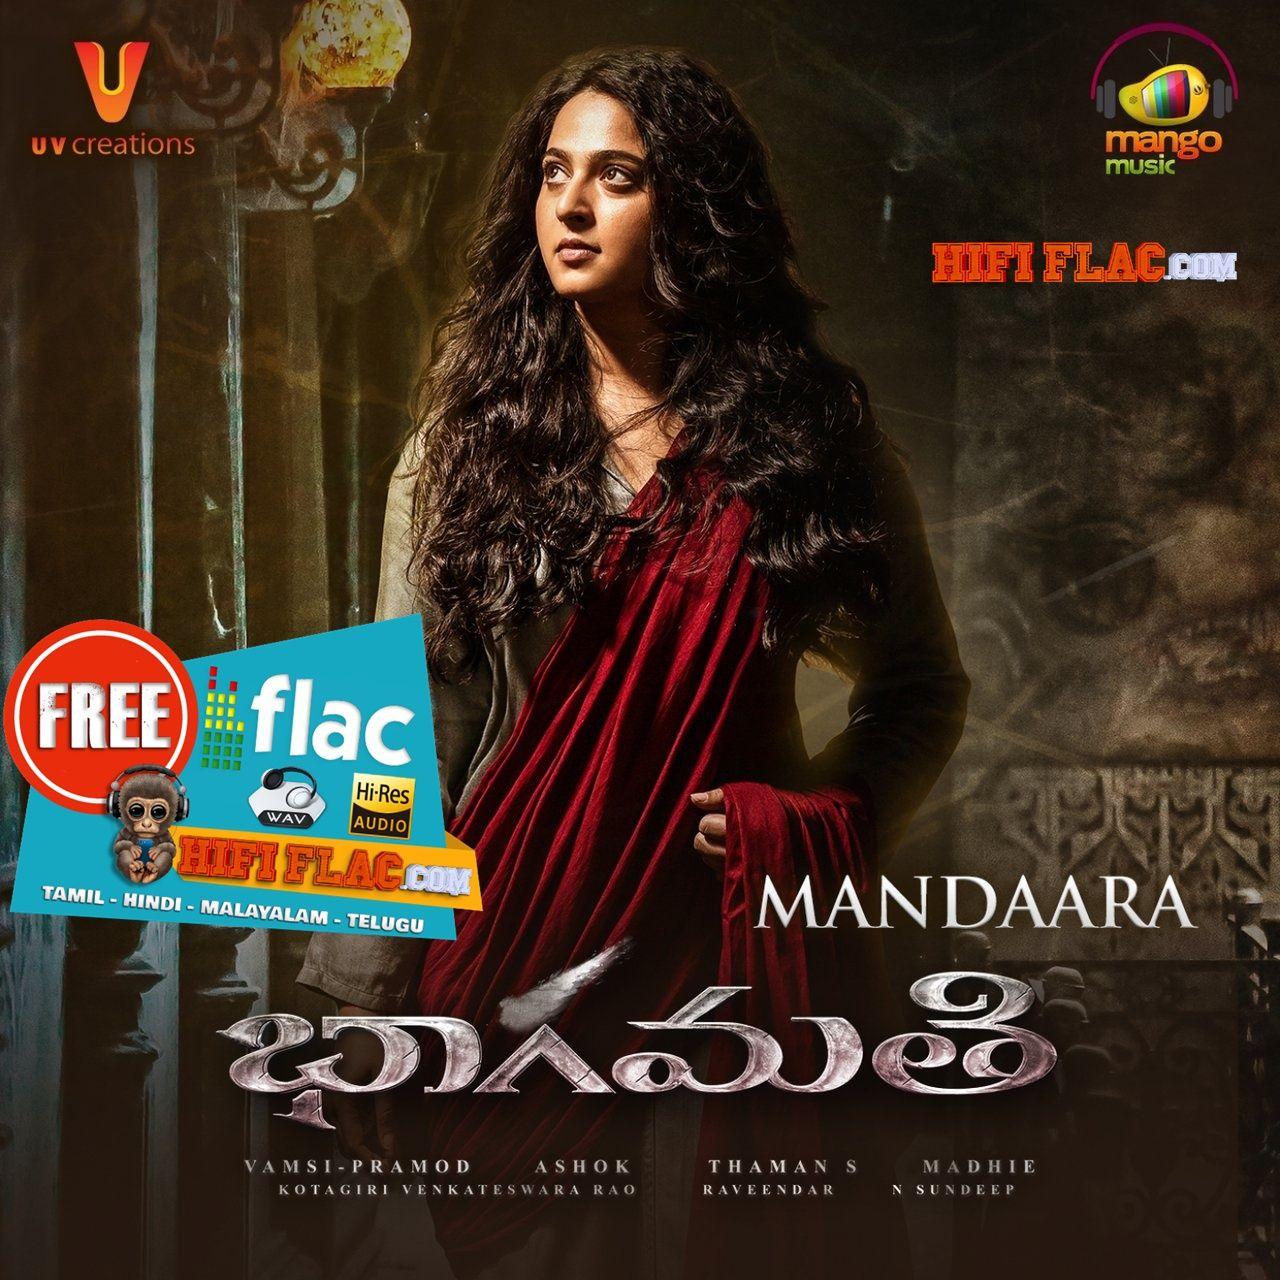 Action hero biju malayalam movie actress name